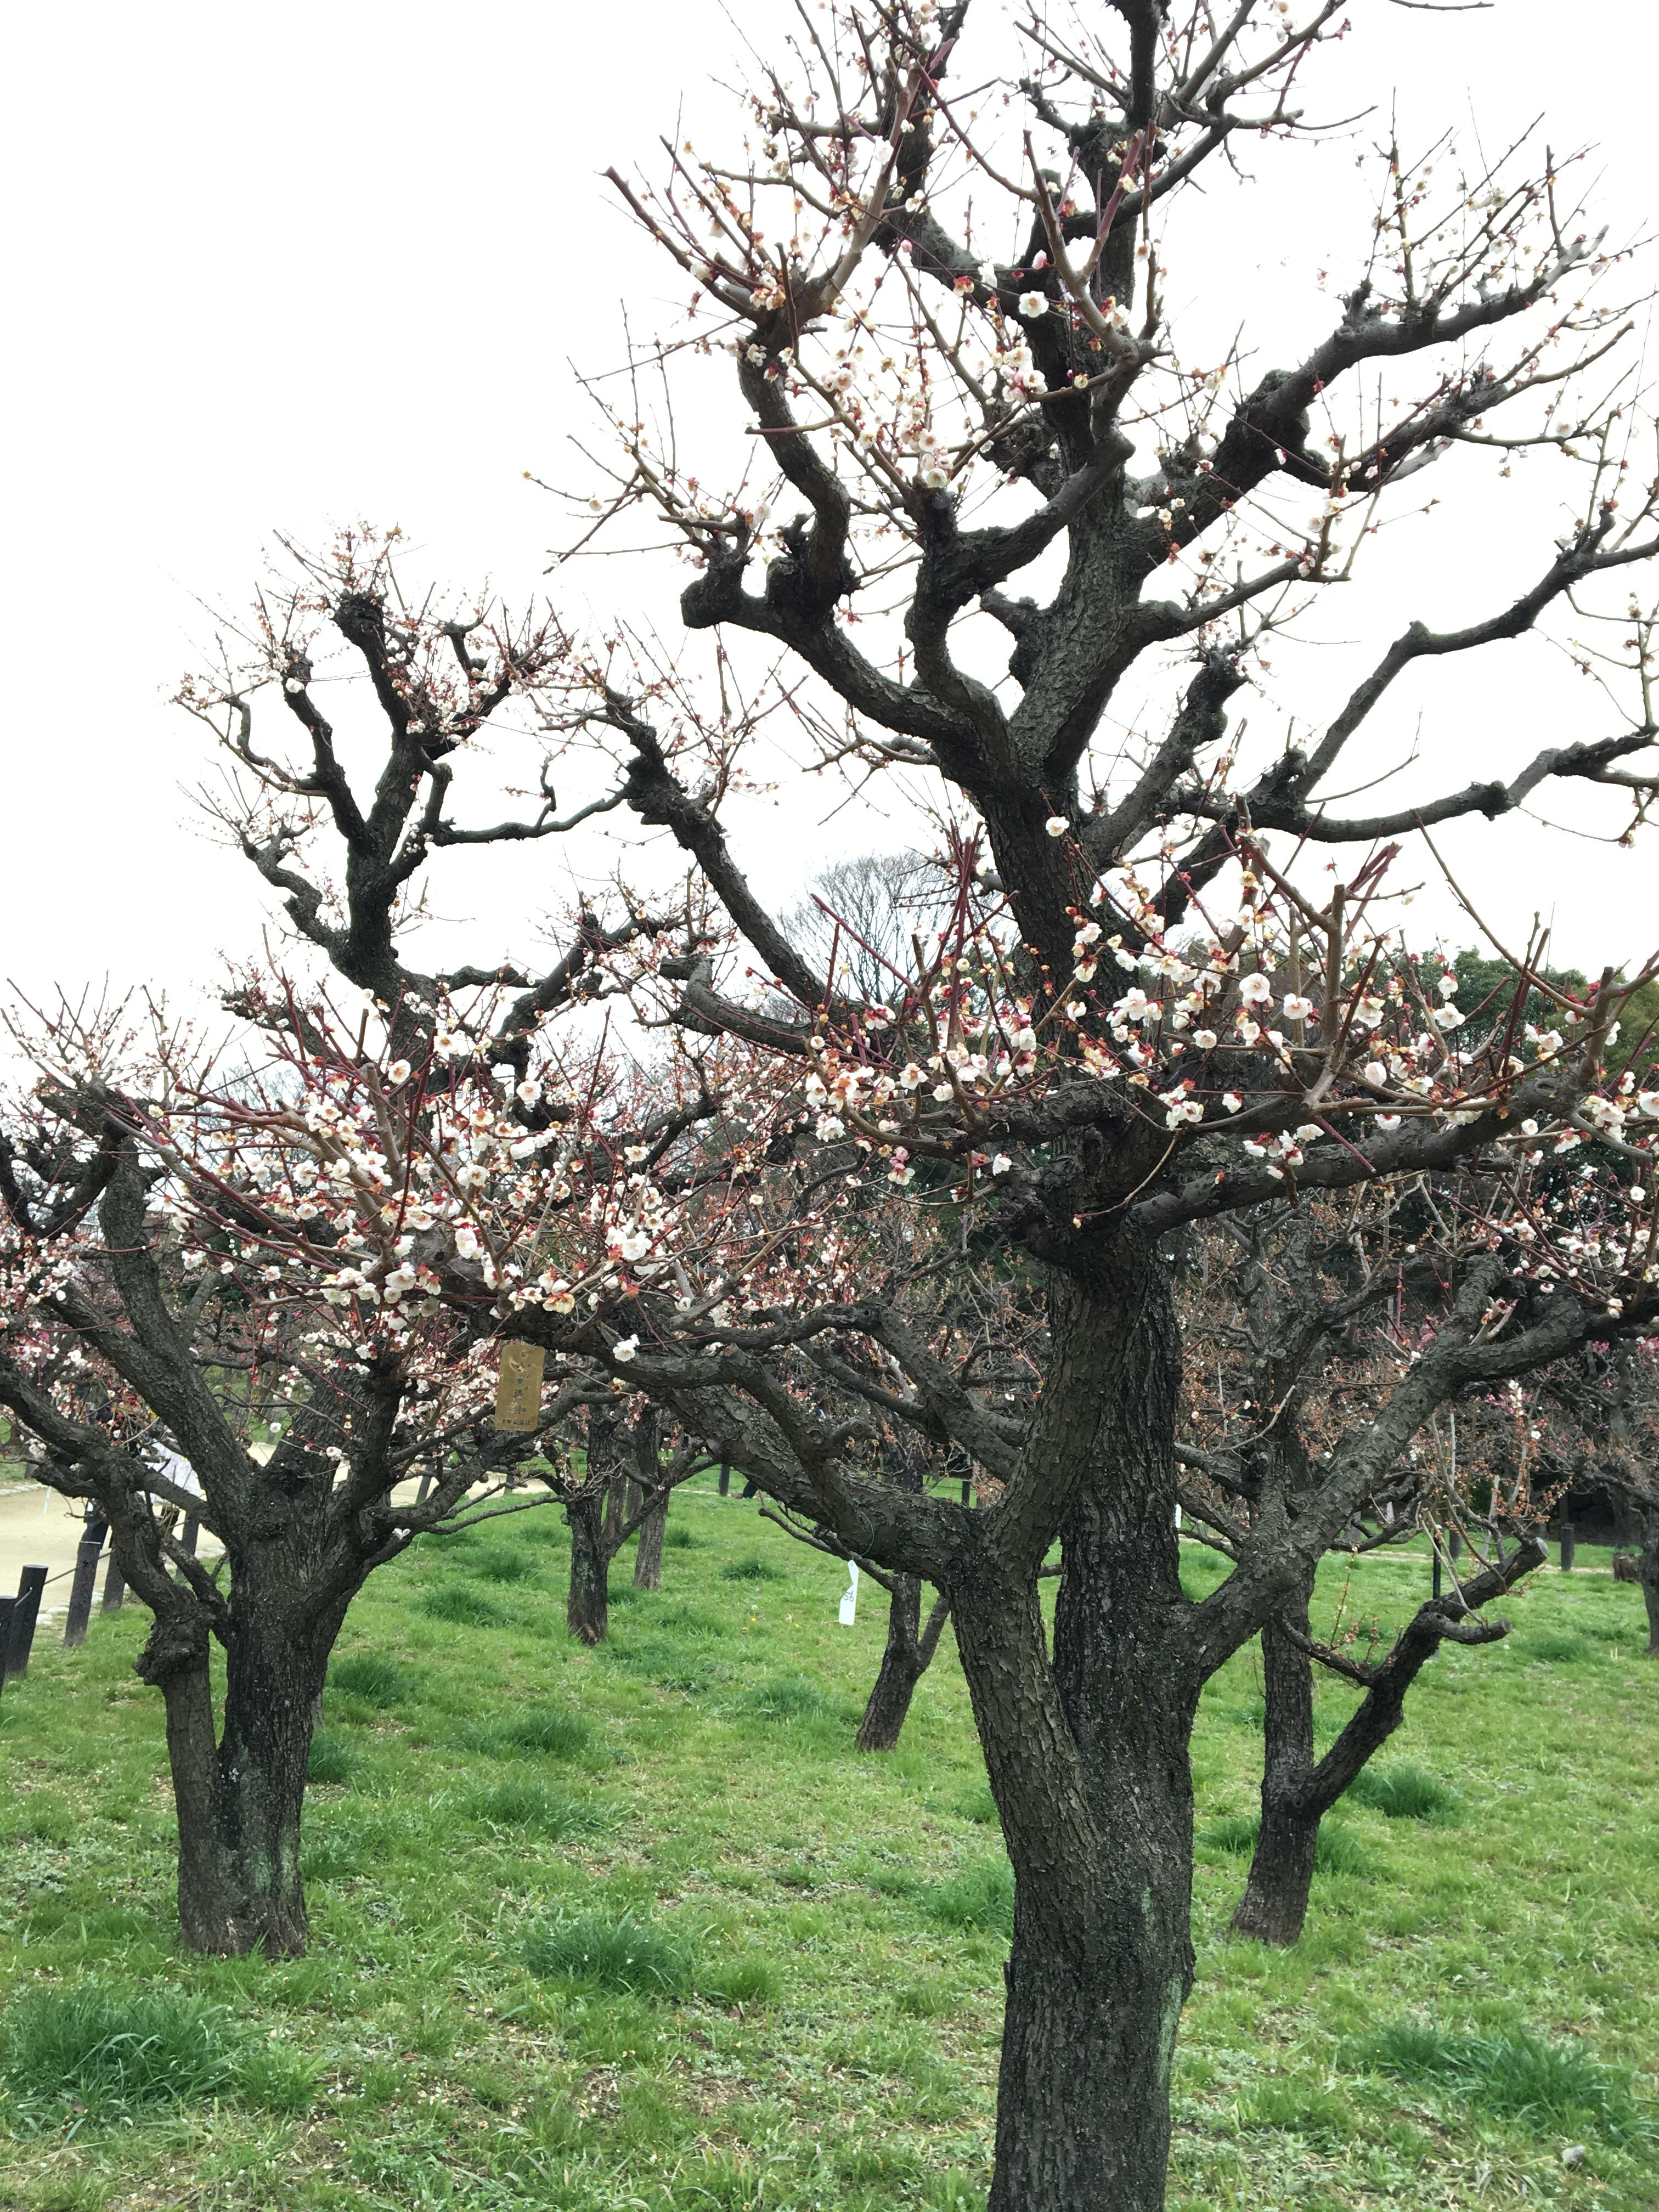 IMG 3433 - 大阪城の梅を観るつもりが・・・櫓(やぐら)めぐり